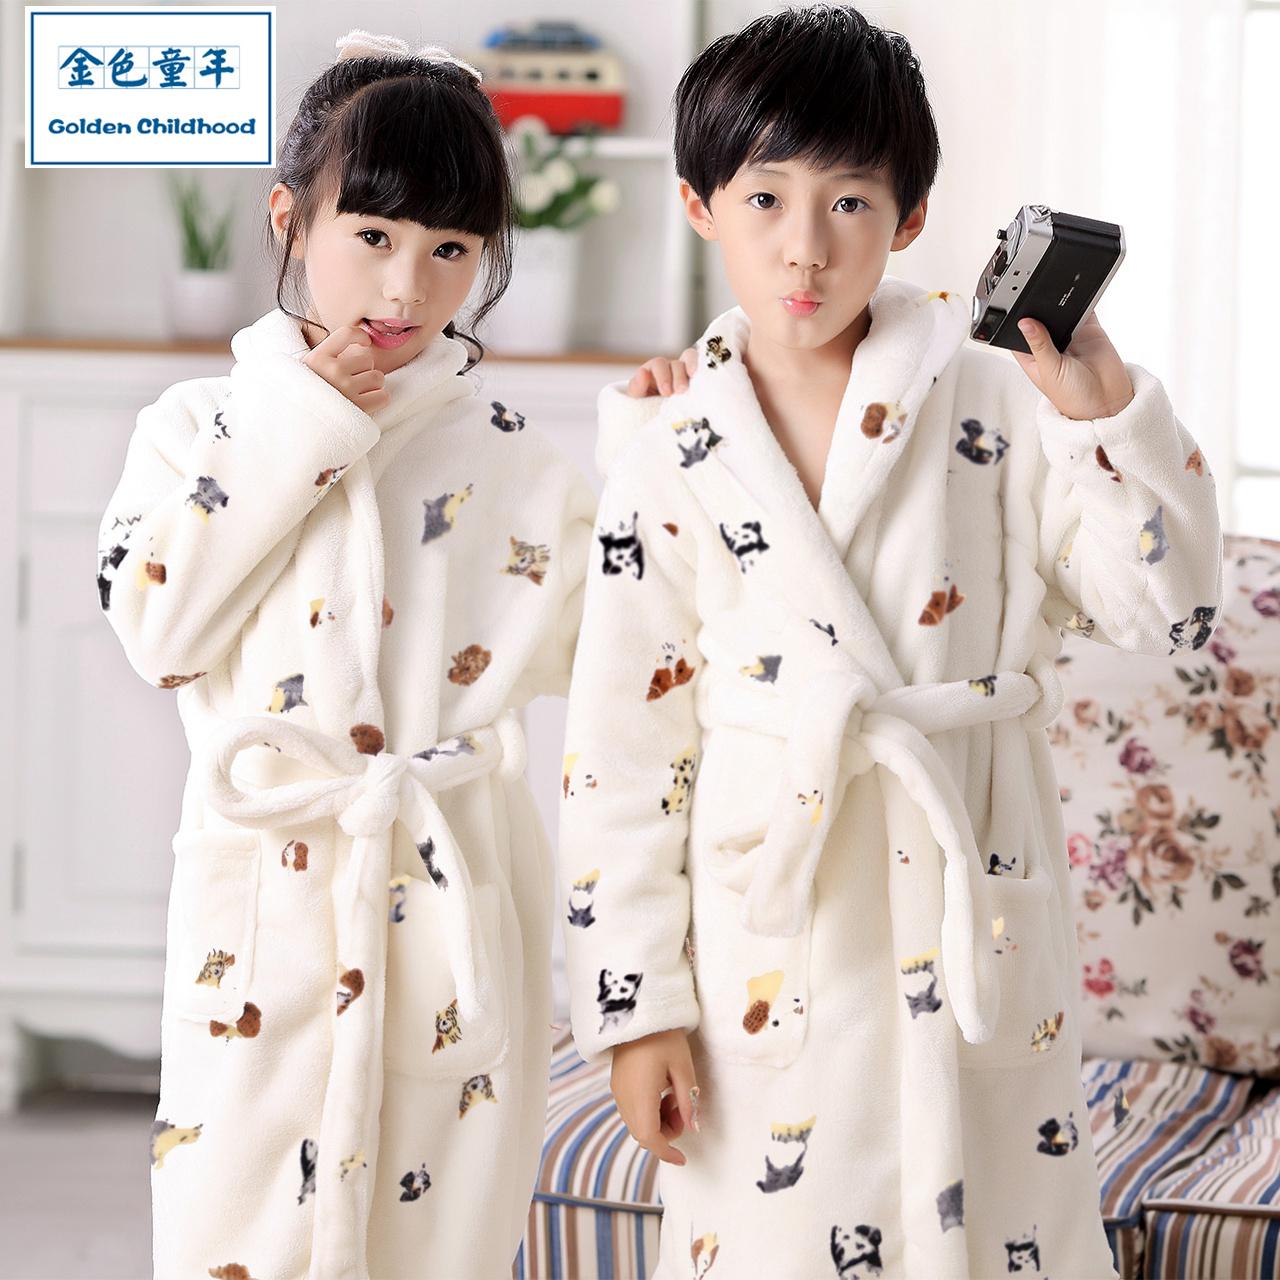 浴袍童装女童法兰绒珊瑚秋冬睡袍男童儿童睡衣绒中大童加厚家居服